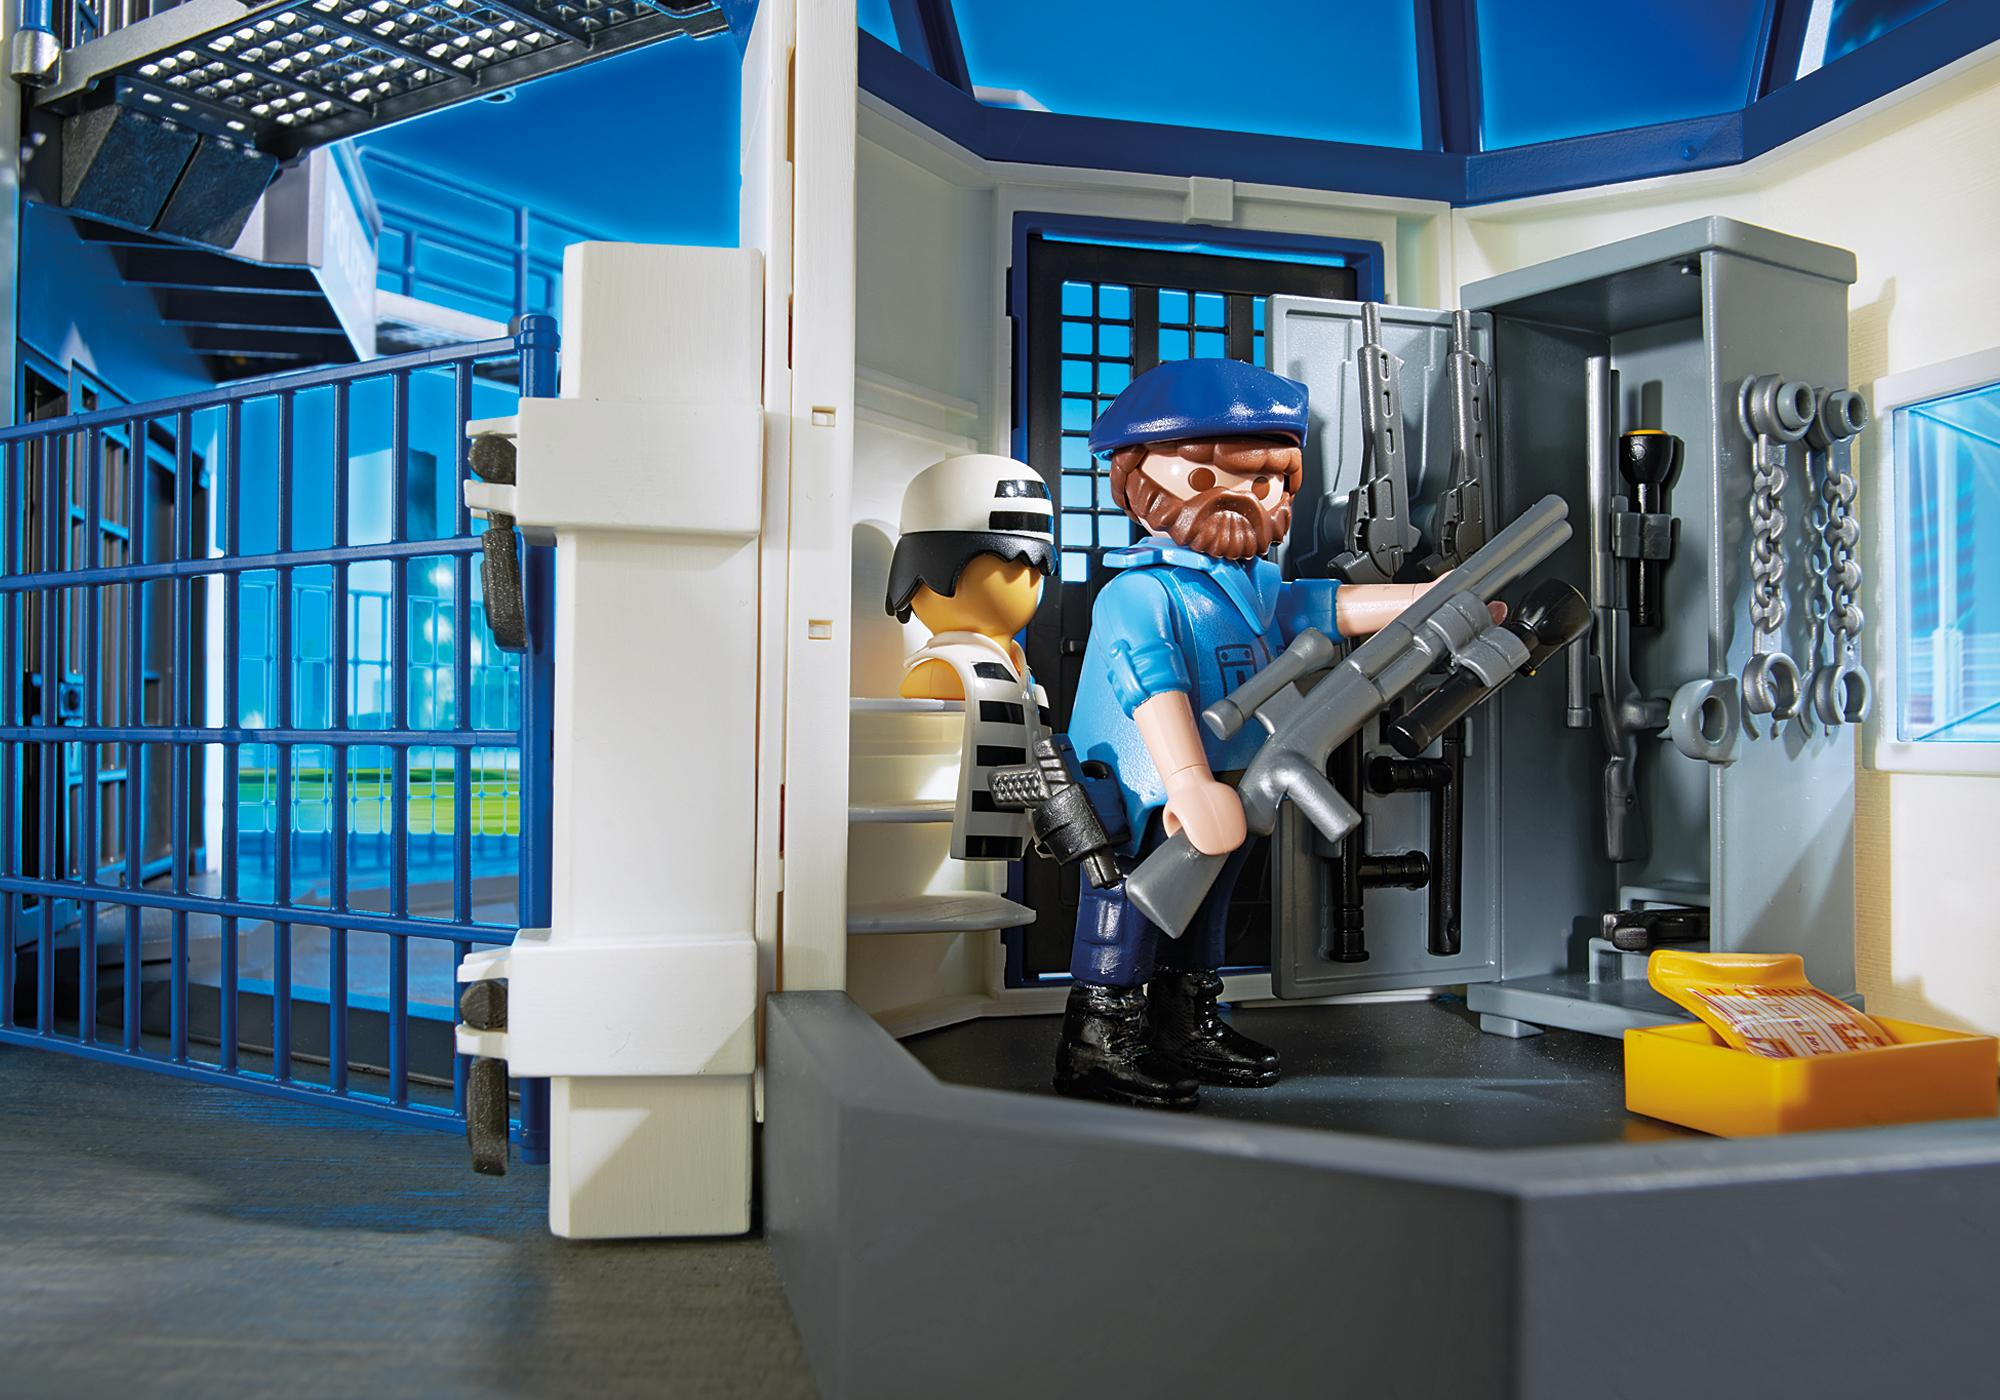 http://media.playmobil.com/i/playmobil/6919_product_extra3/Esquadra da Polícia com prisão